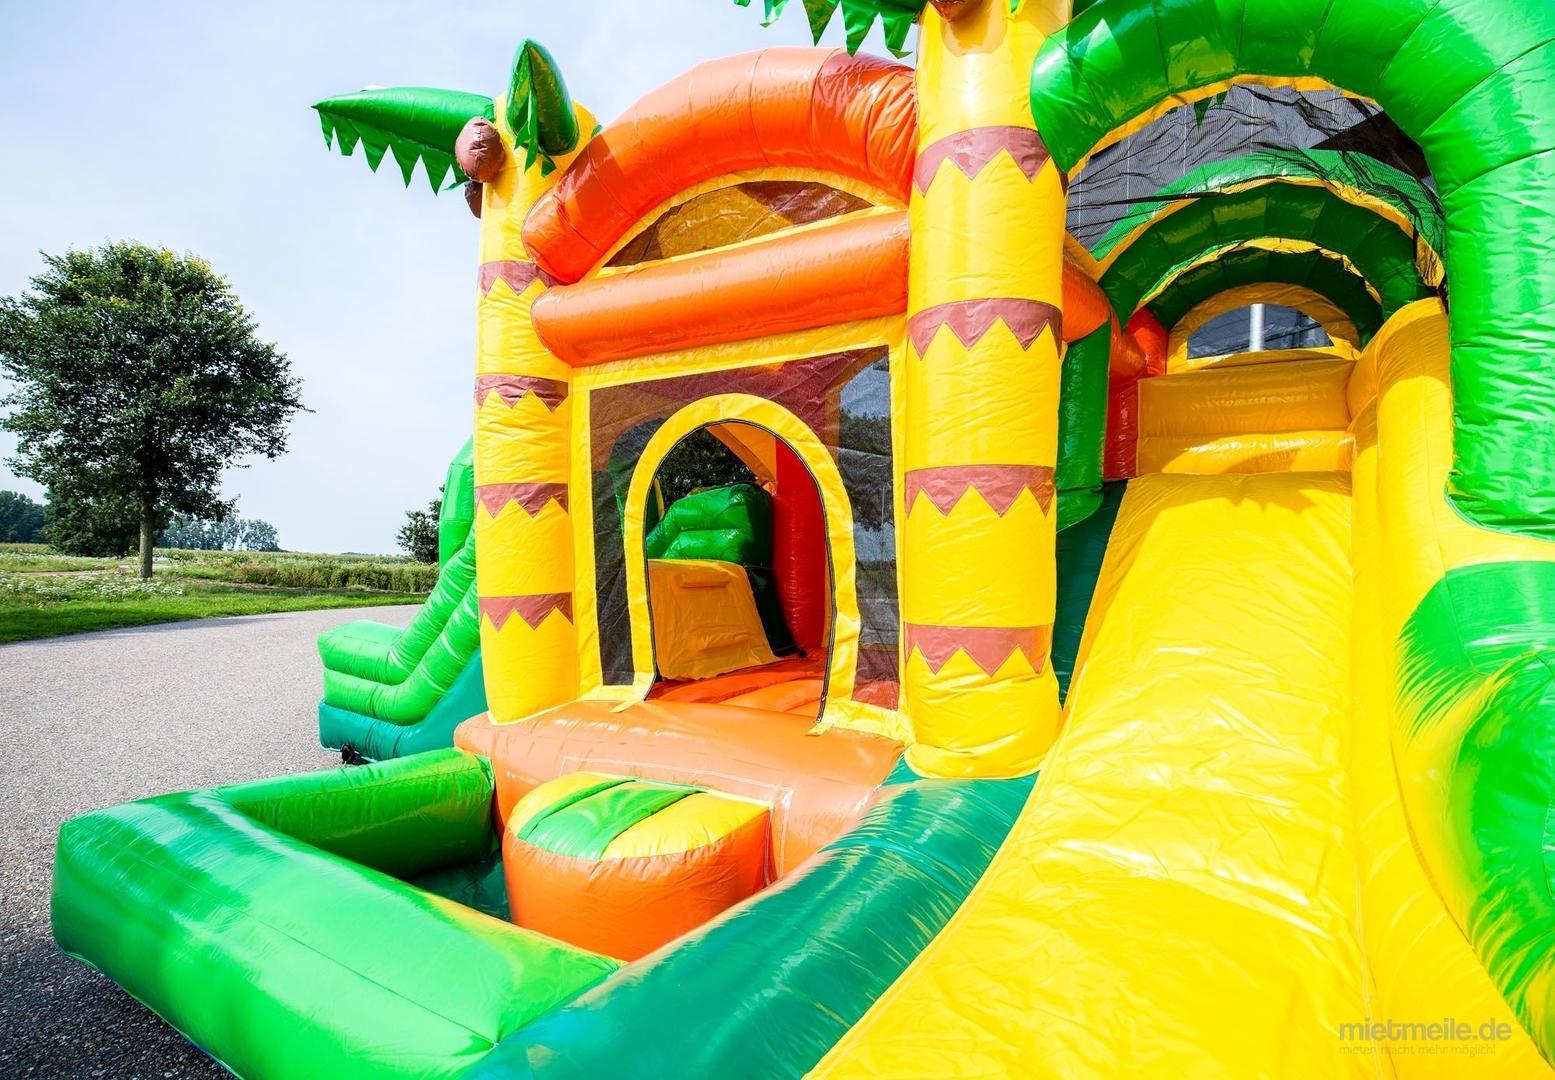 Hüpfburg mieten & vermieten - Hüpfburg Jumpy Fun Dschungel in Ludwigshafen am Rhein